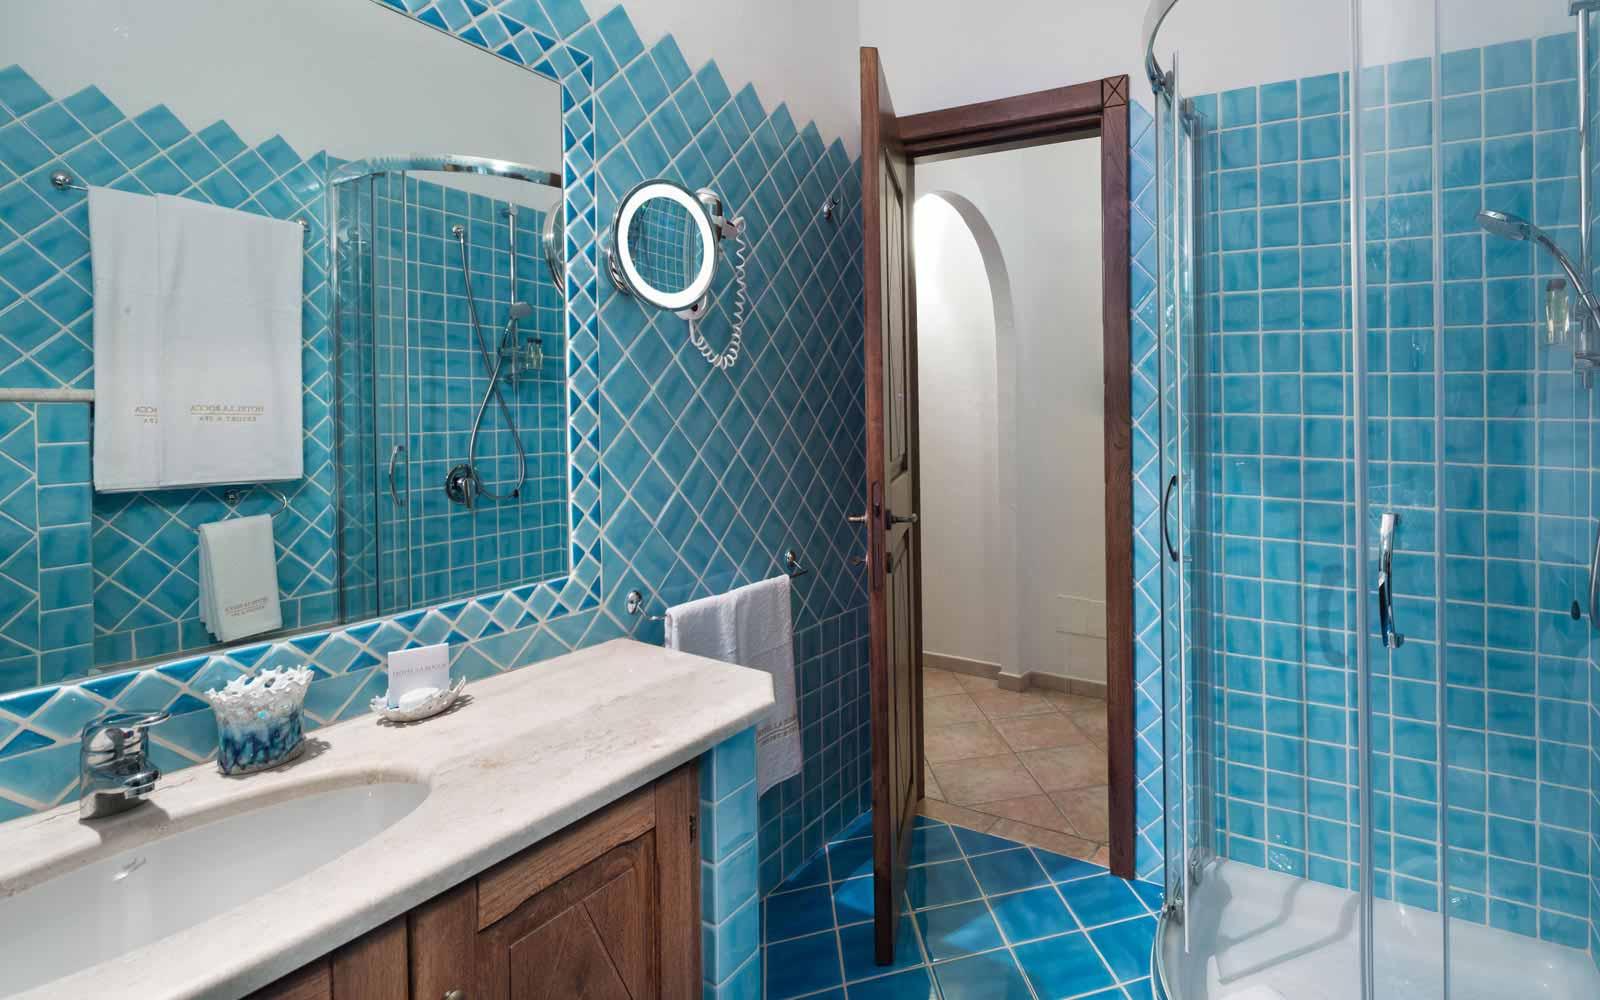 Bathroom at Hotel La Rocca Resort & Spa